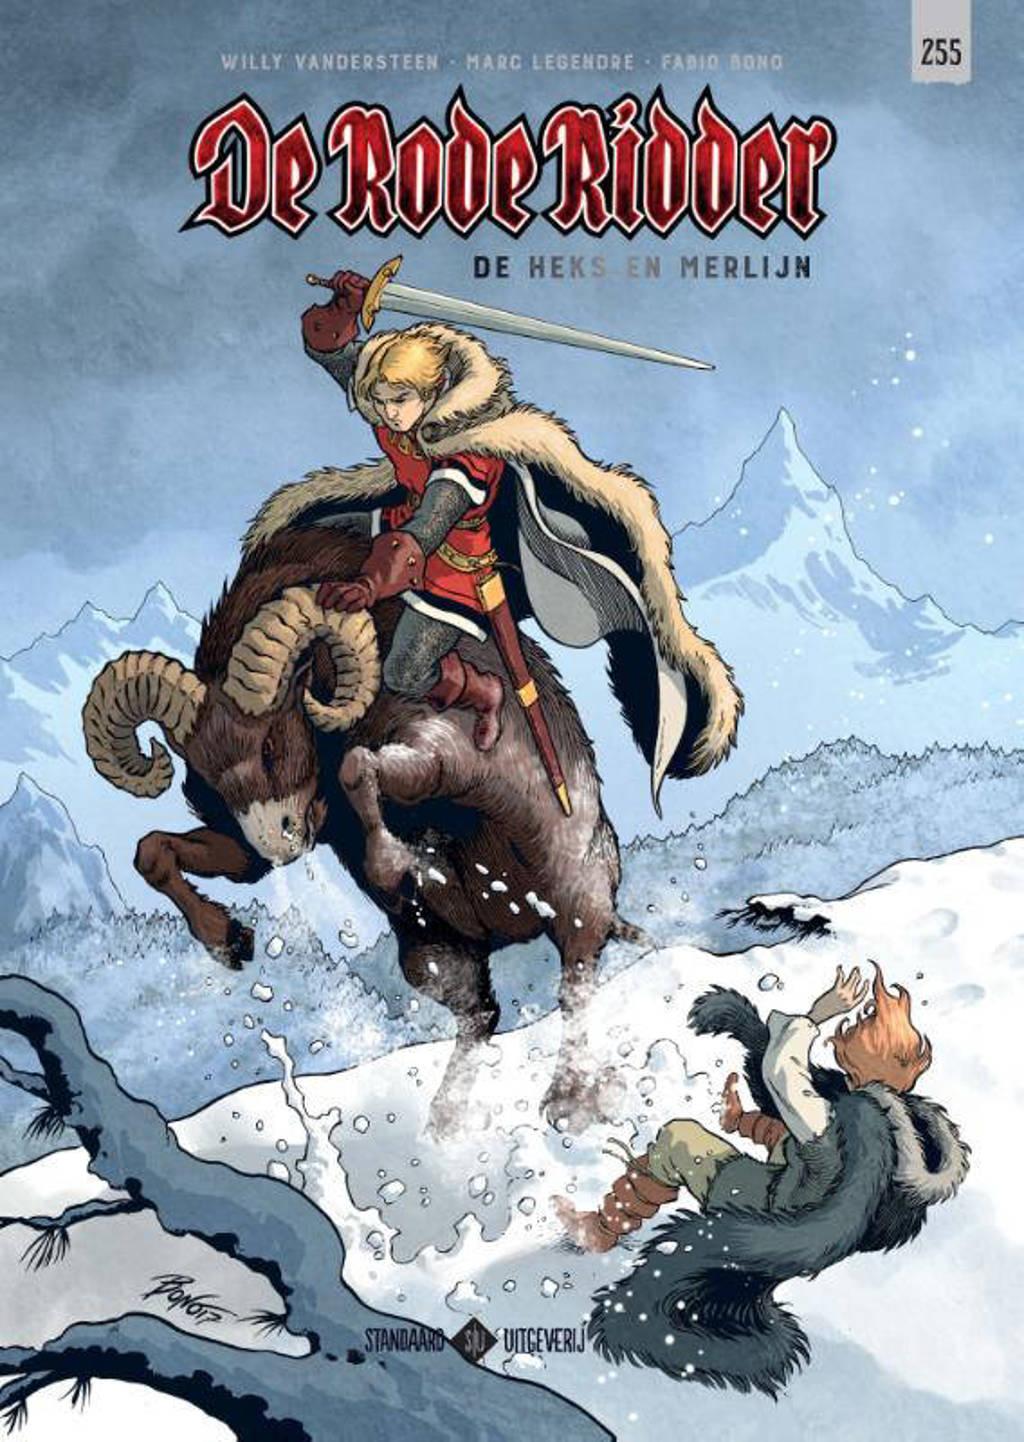 De Rode Ridder: De Heks en Merlijn - Willy Vandersteen en Marc Legendre